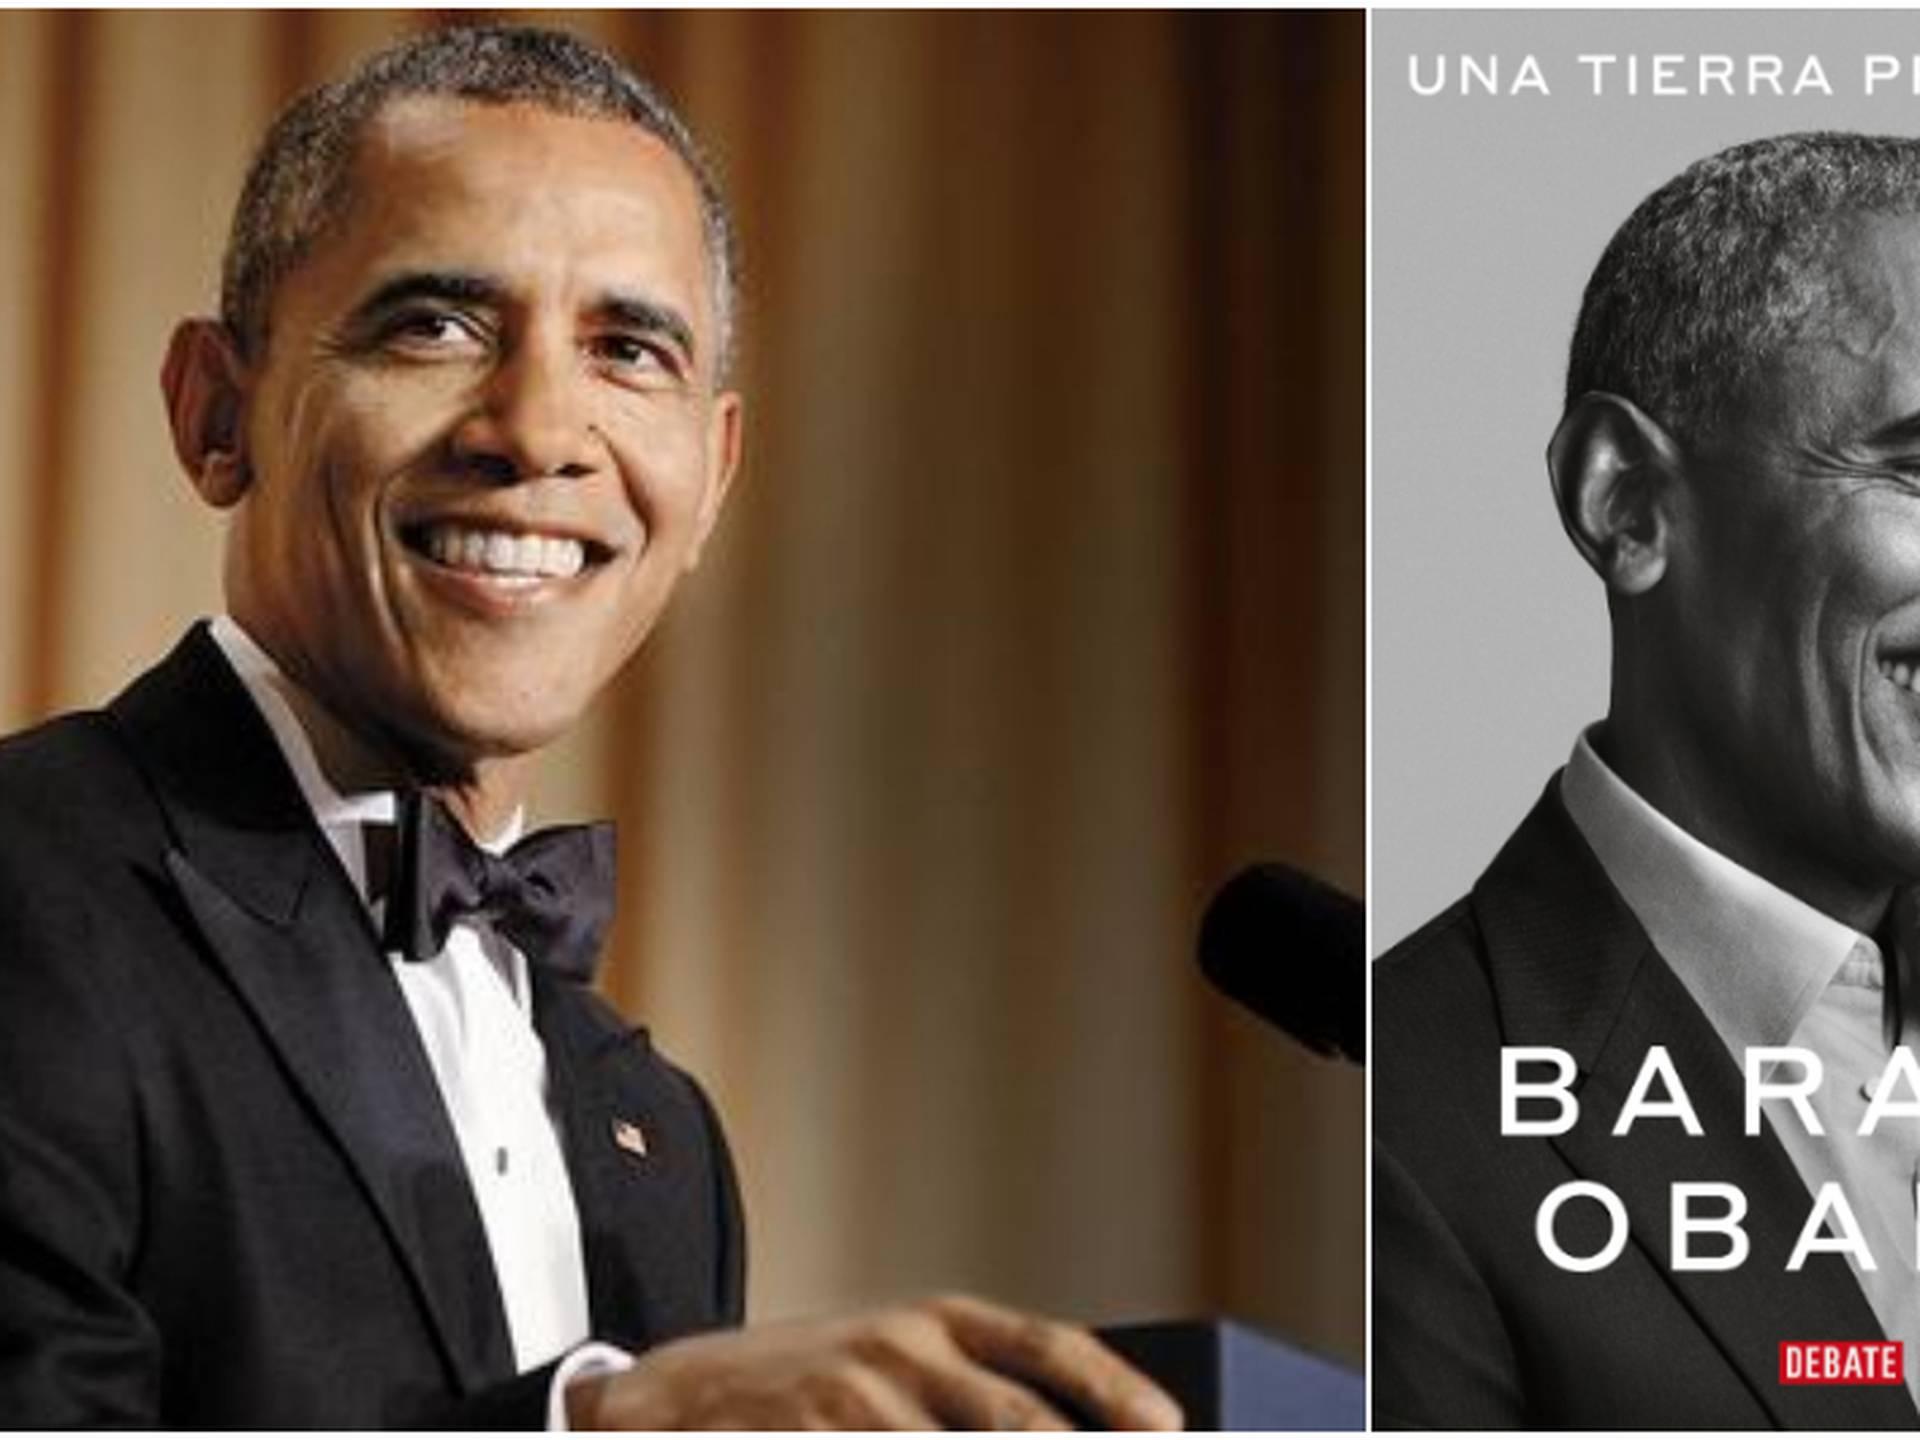 'Una tierra prometida', la primera parte de las memorias de Barack Obama, llegaran a Colombia el 17 de noviembre.